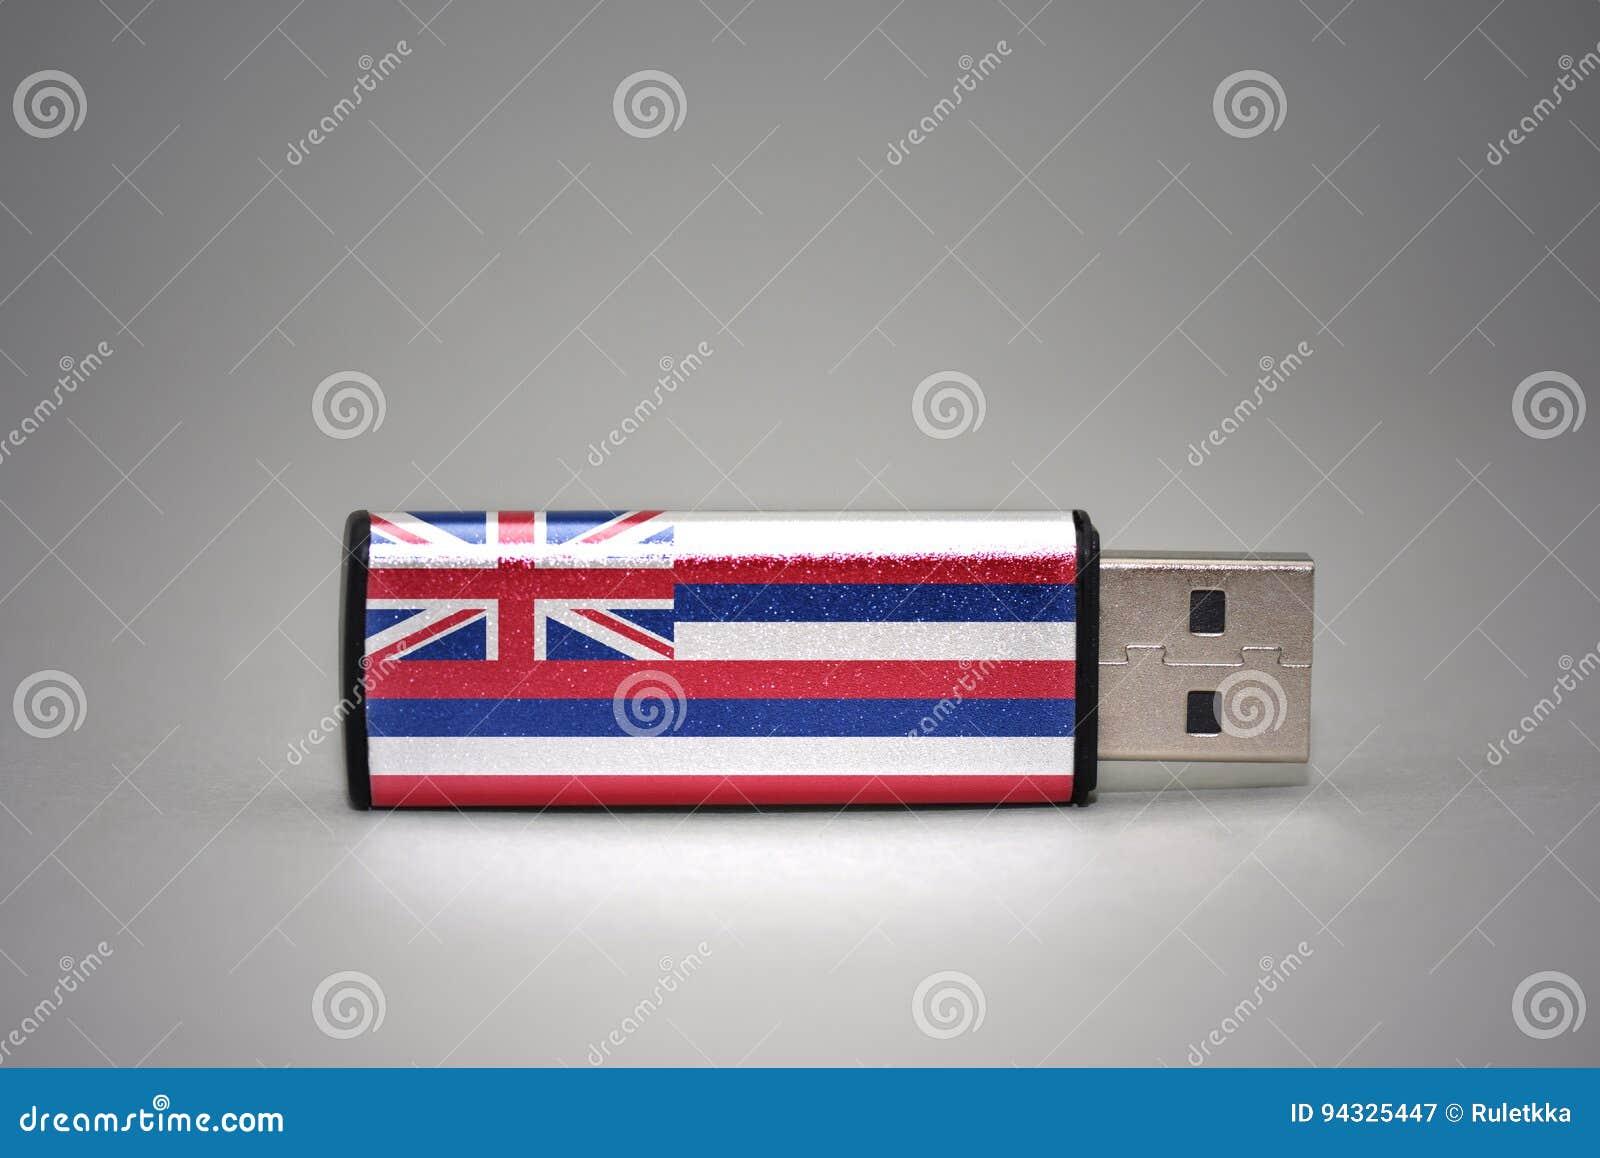 Memoria USB con la bandera del estado de Hawaii en fondo gris